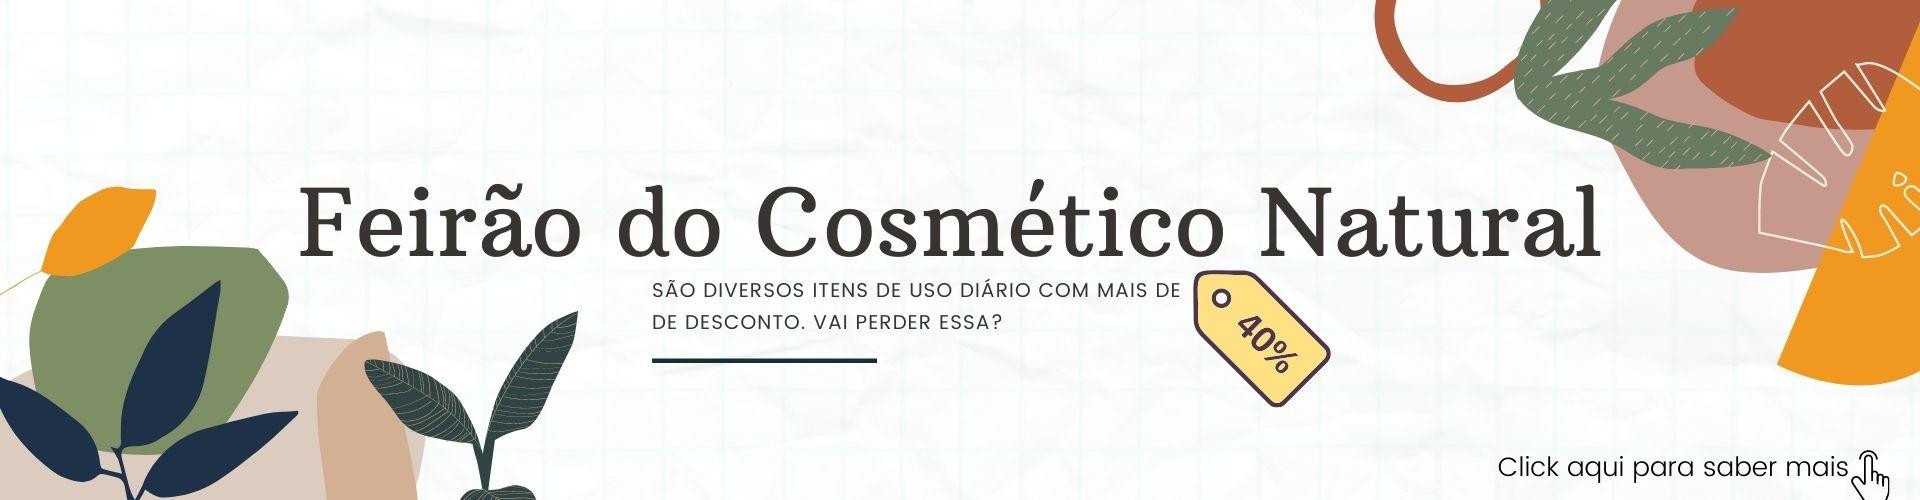 FEIRÃO DO COSMÉTICO NATURAL